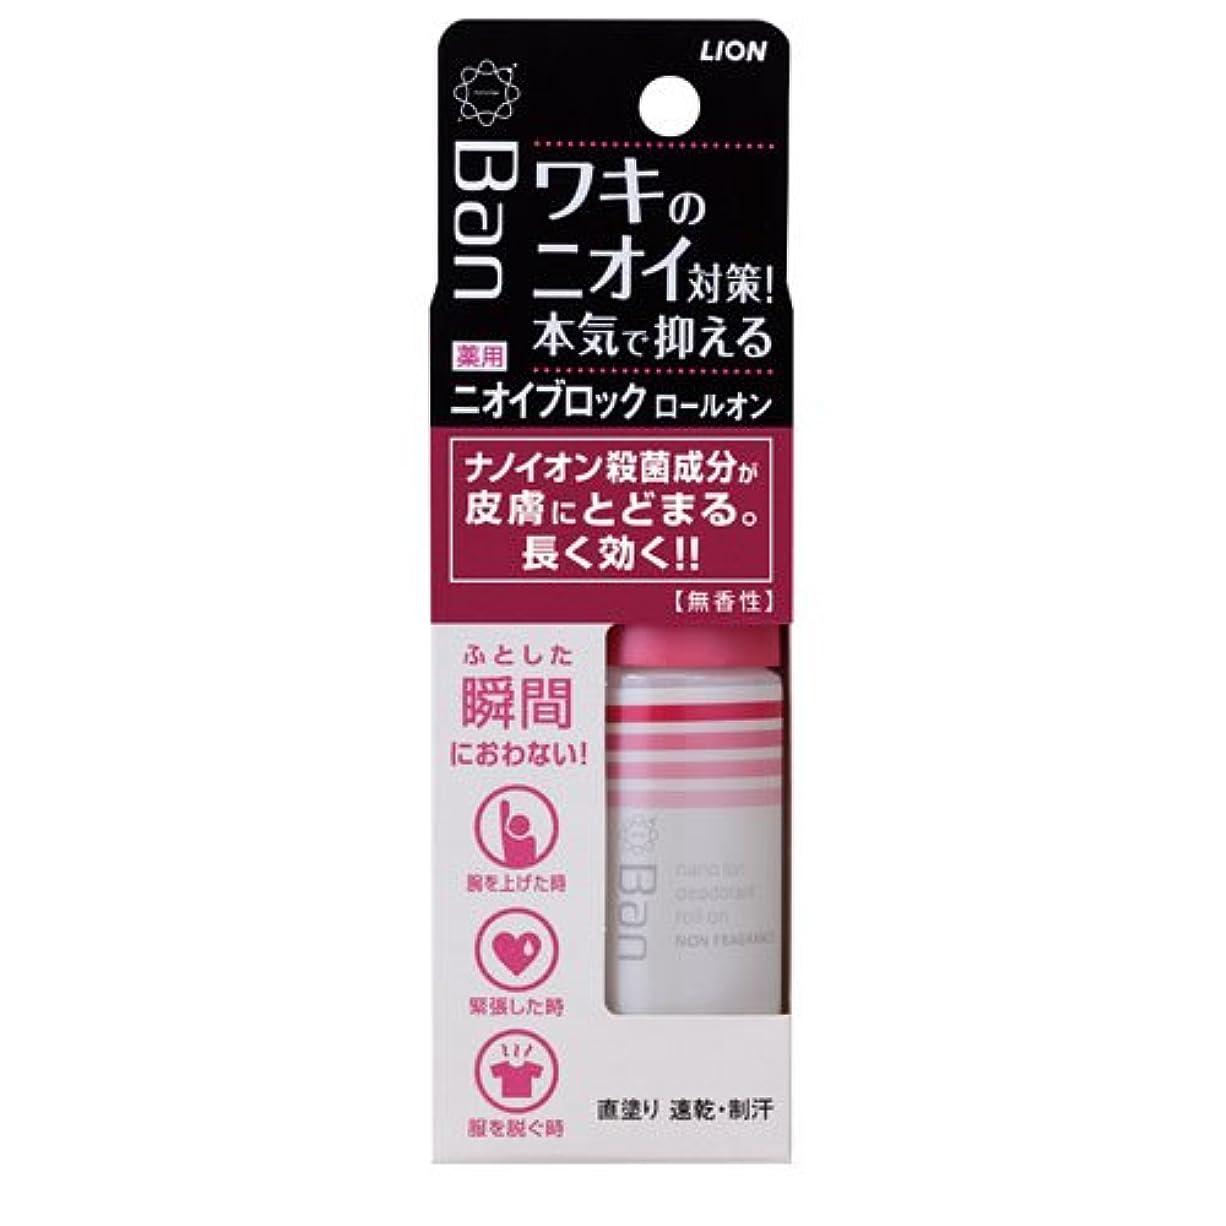 ボイラー傘余計なBan(バン) ニオイブロックロールオン 無香性 40ml(医薬部外品)